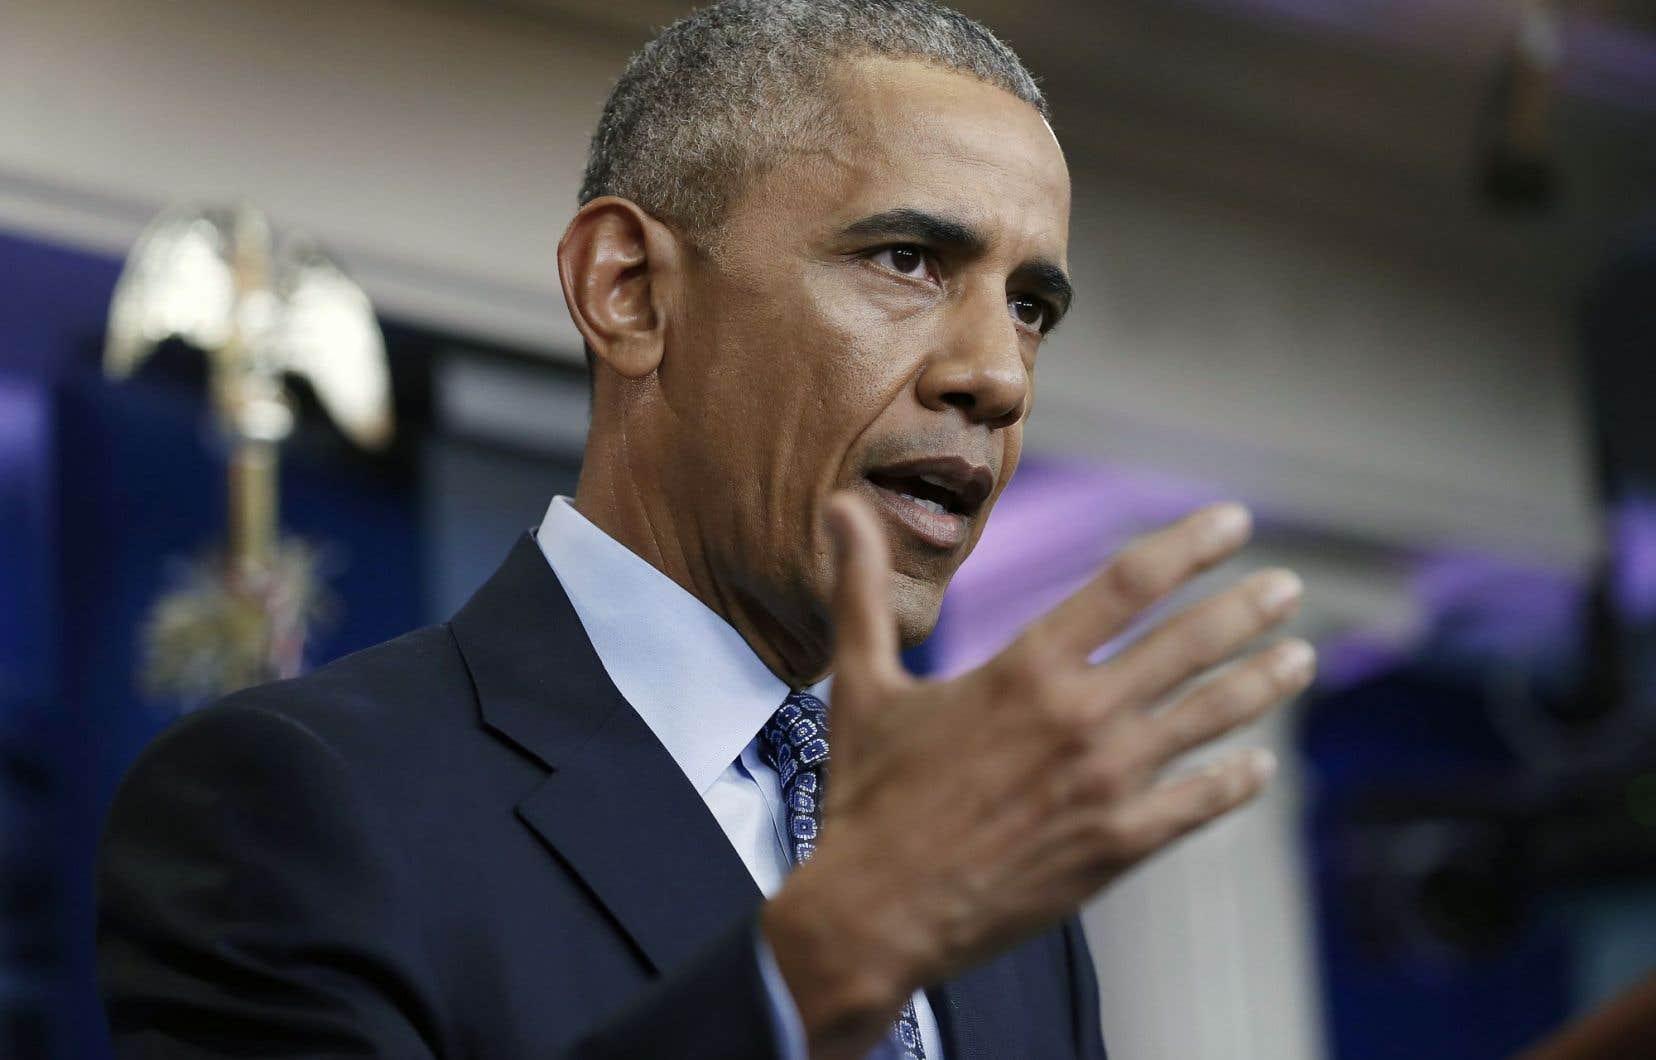 Le 44e président américain a tenu, mercredi, la dernière conférence de presse de son mandat.